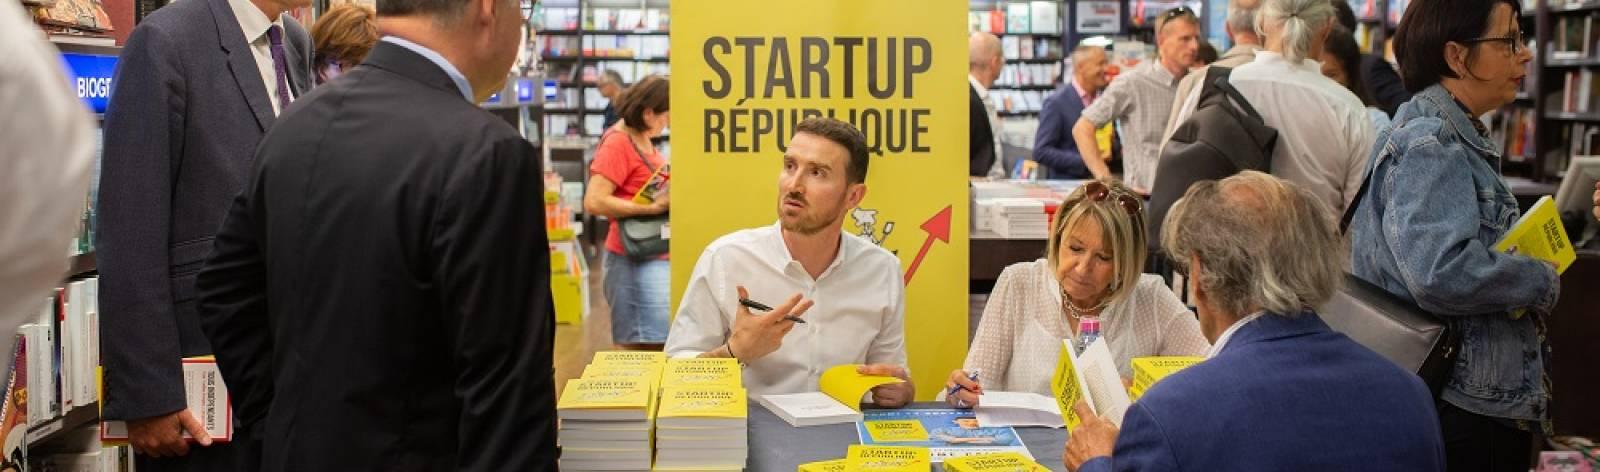 startup-republique-guillaume-cairou